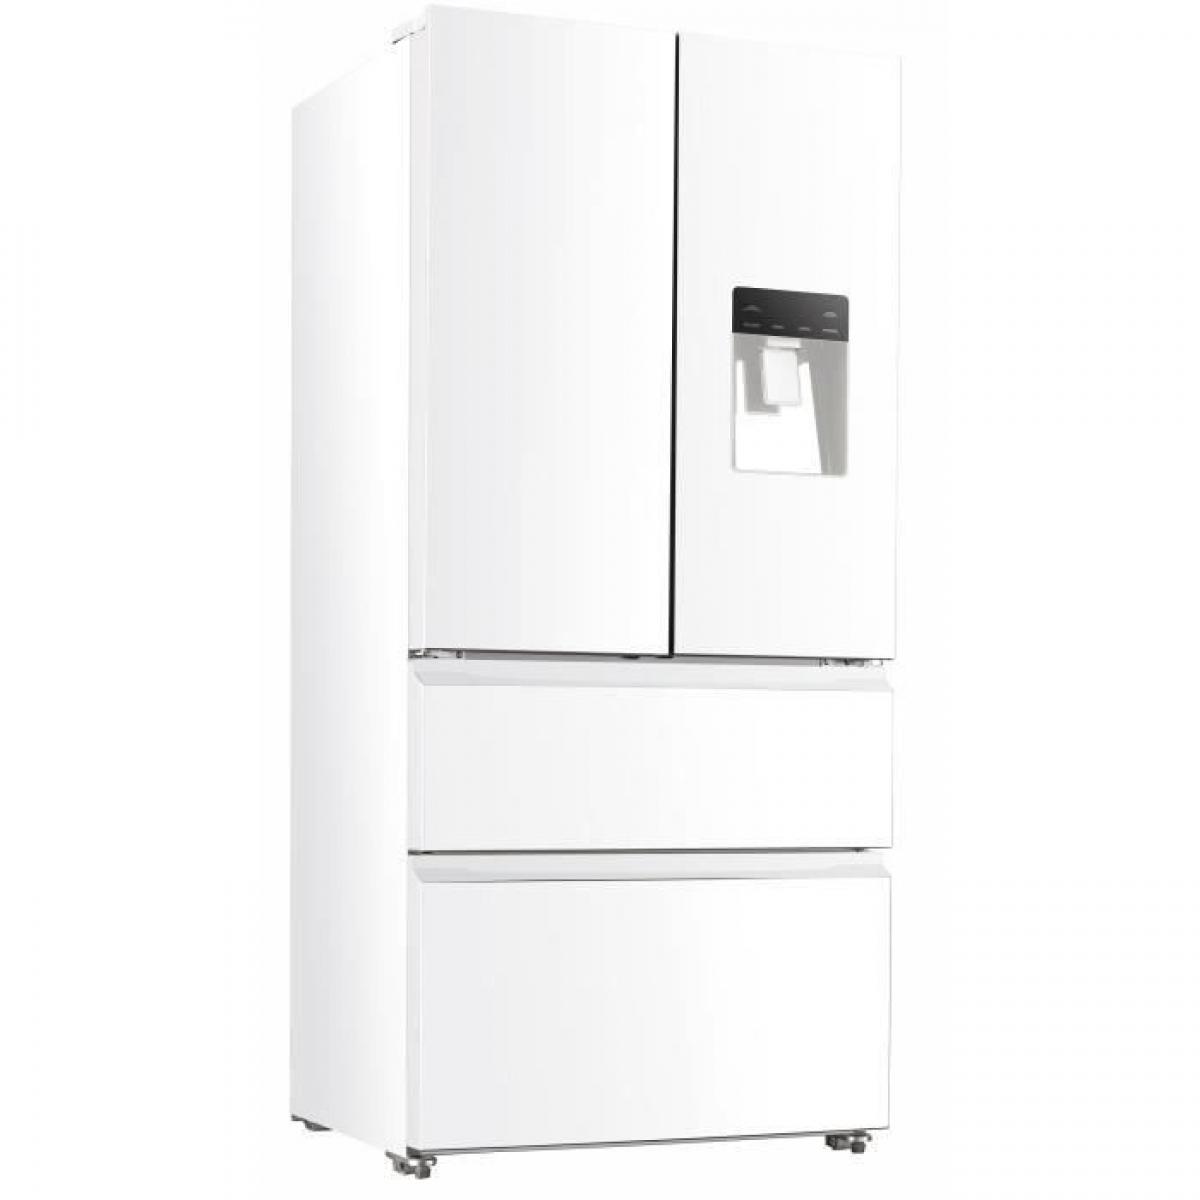 Continental Edison Réfrigérateur multi-portes 536L Froid Ventilé CONTINENTAL EDISON 83cm, CERAF536DW